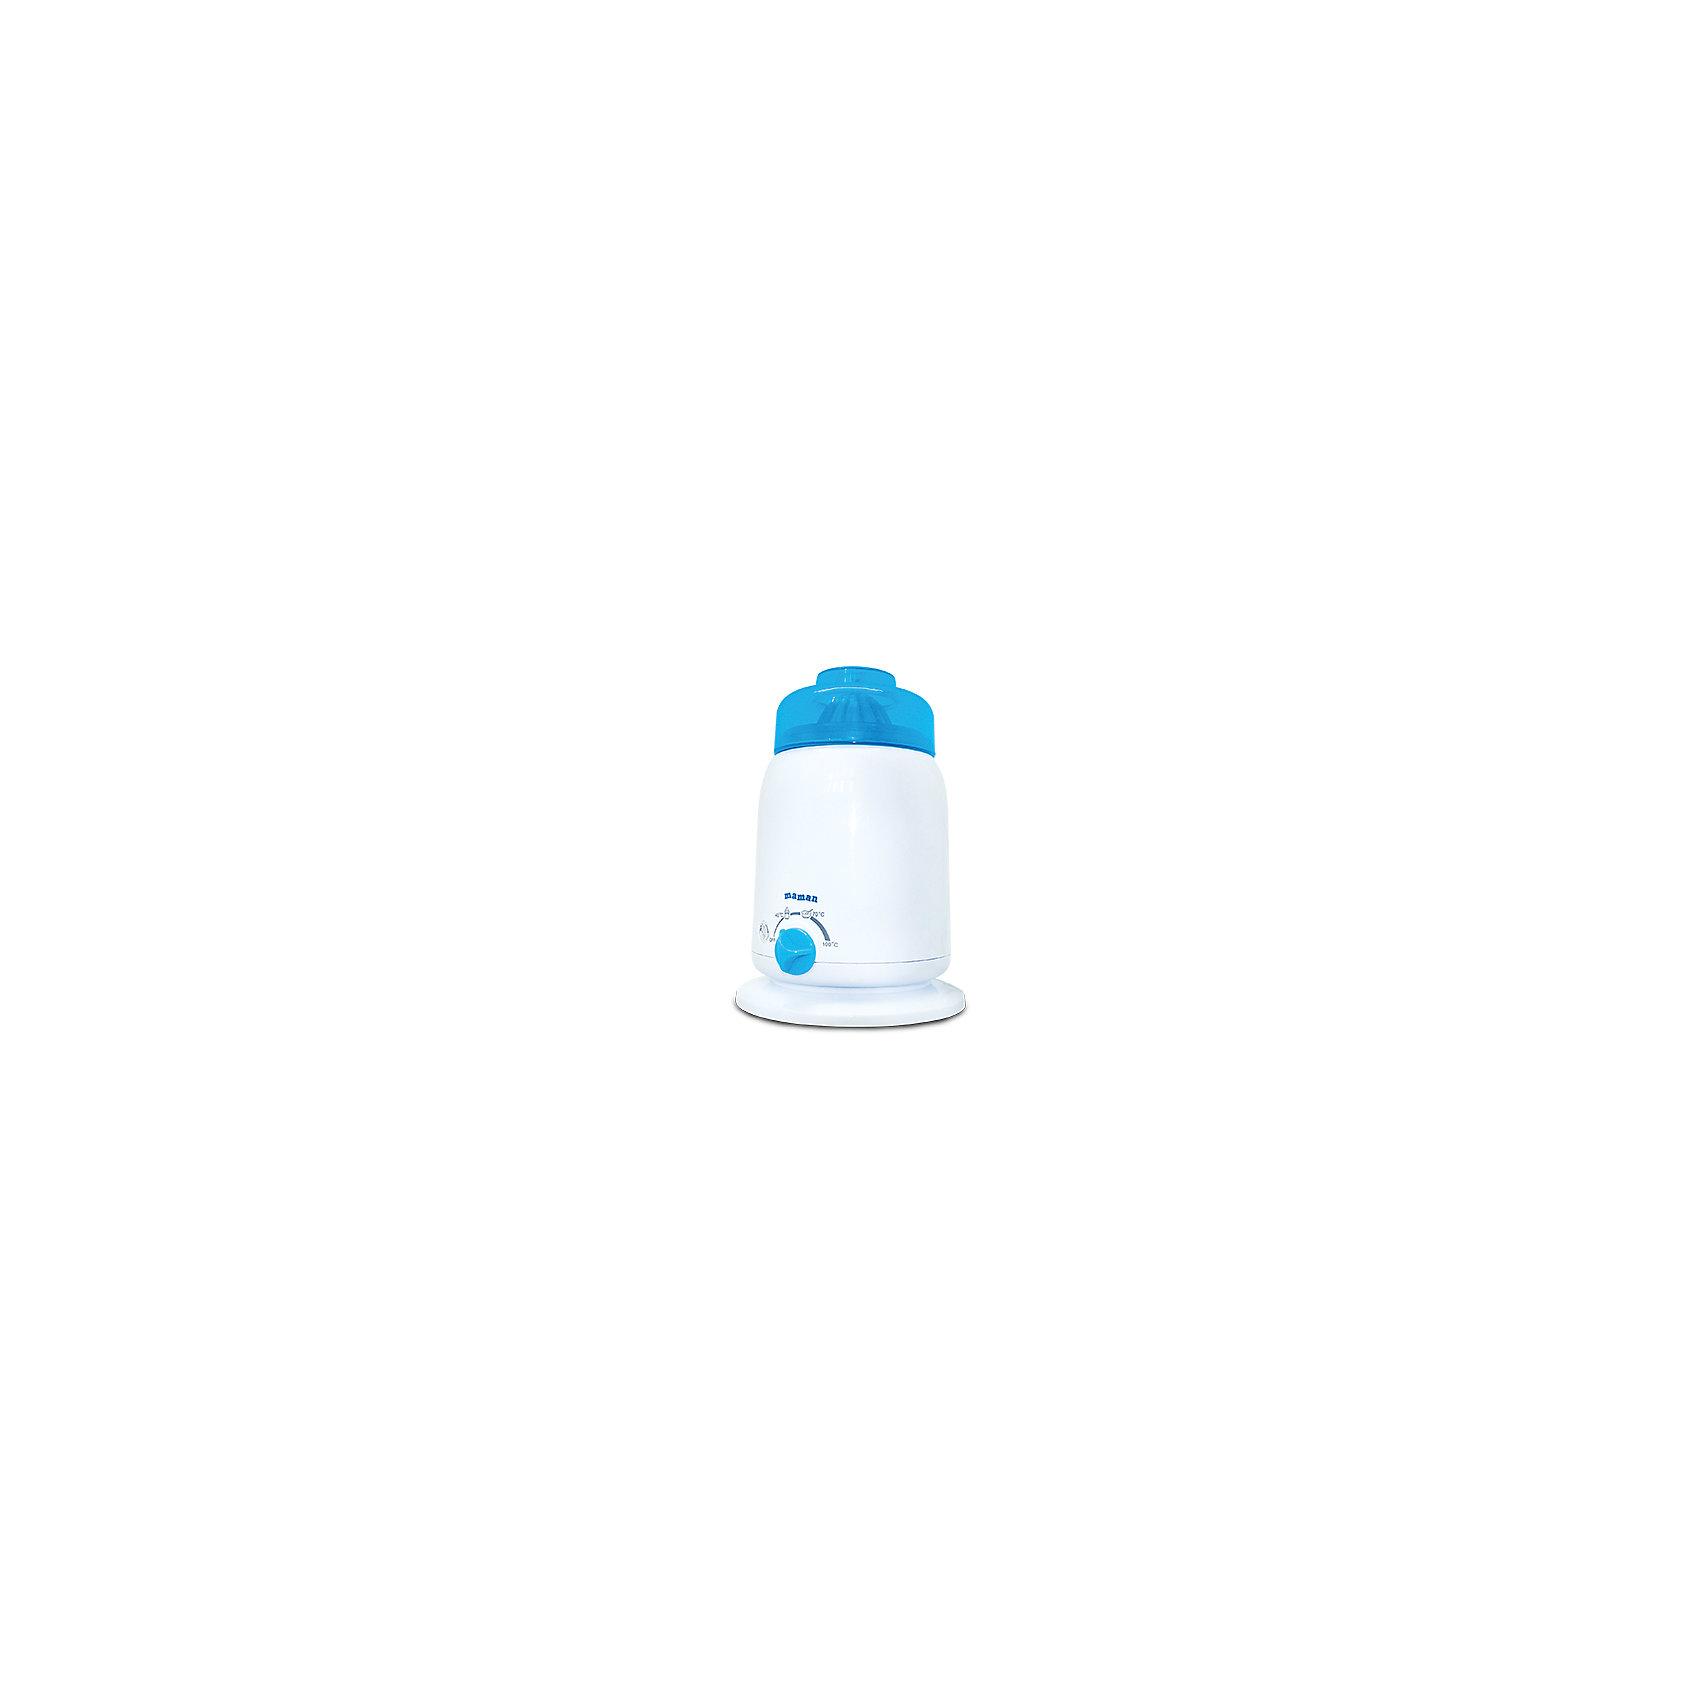 Подогреватель детского питания Maman LS-B202Подходит для всех типов бутылочек. <br>Нагревает детское питание за несколько минут до необходимой температуры. <br>Плавная регулировка температуры. <br>автоматически поддерживает заданную температуру нагрева. <br>В комплекте стакан с крышкой (для подогрева и хранения детского питания). <br>Безопасный, экономичный и надежный нагревательный элемент. <br>индикатор состояния и готовности нагрева.<br><br>Ширина мм: 140<br>Глубина мм: 140<br>Высота мм: 195<br>Вес г: 457<br>Возраст от месяцев: 0<br>Возраст до месяцев: 36<br>Пол: Унисекс<br>Возраст: Детский<br>SKU: 3375637